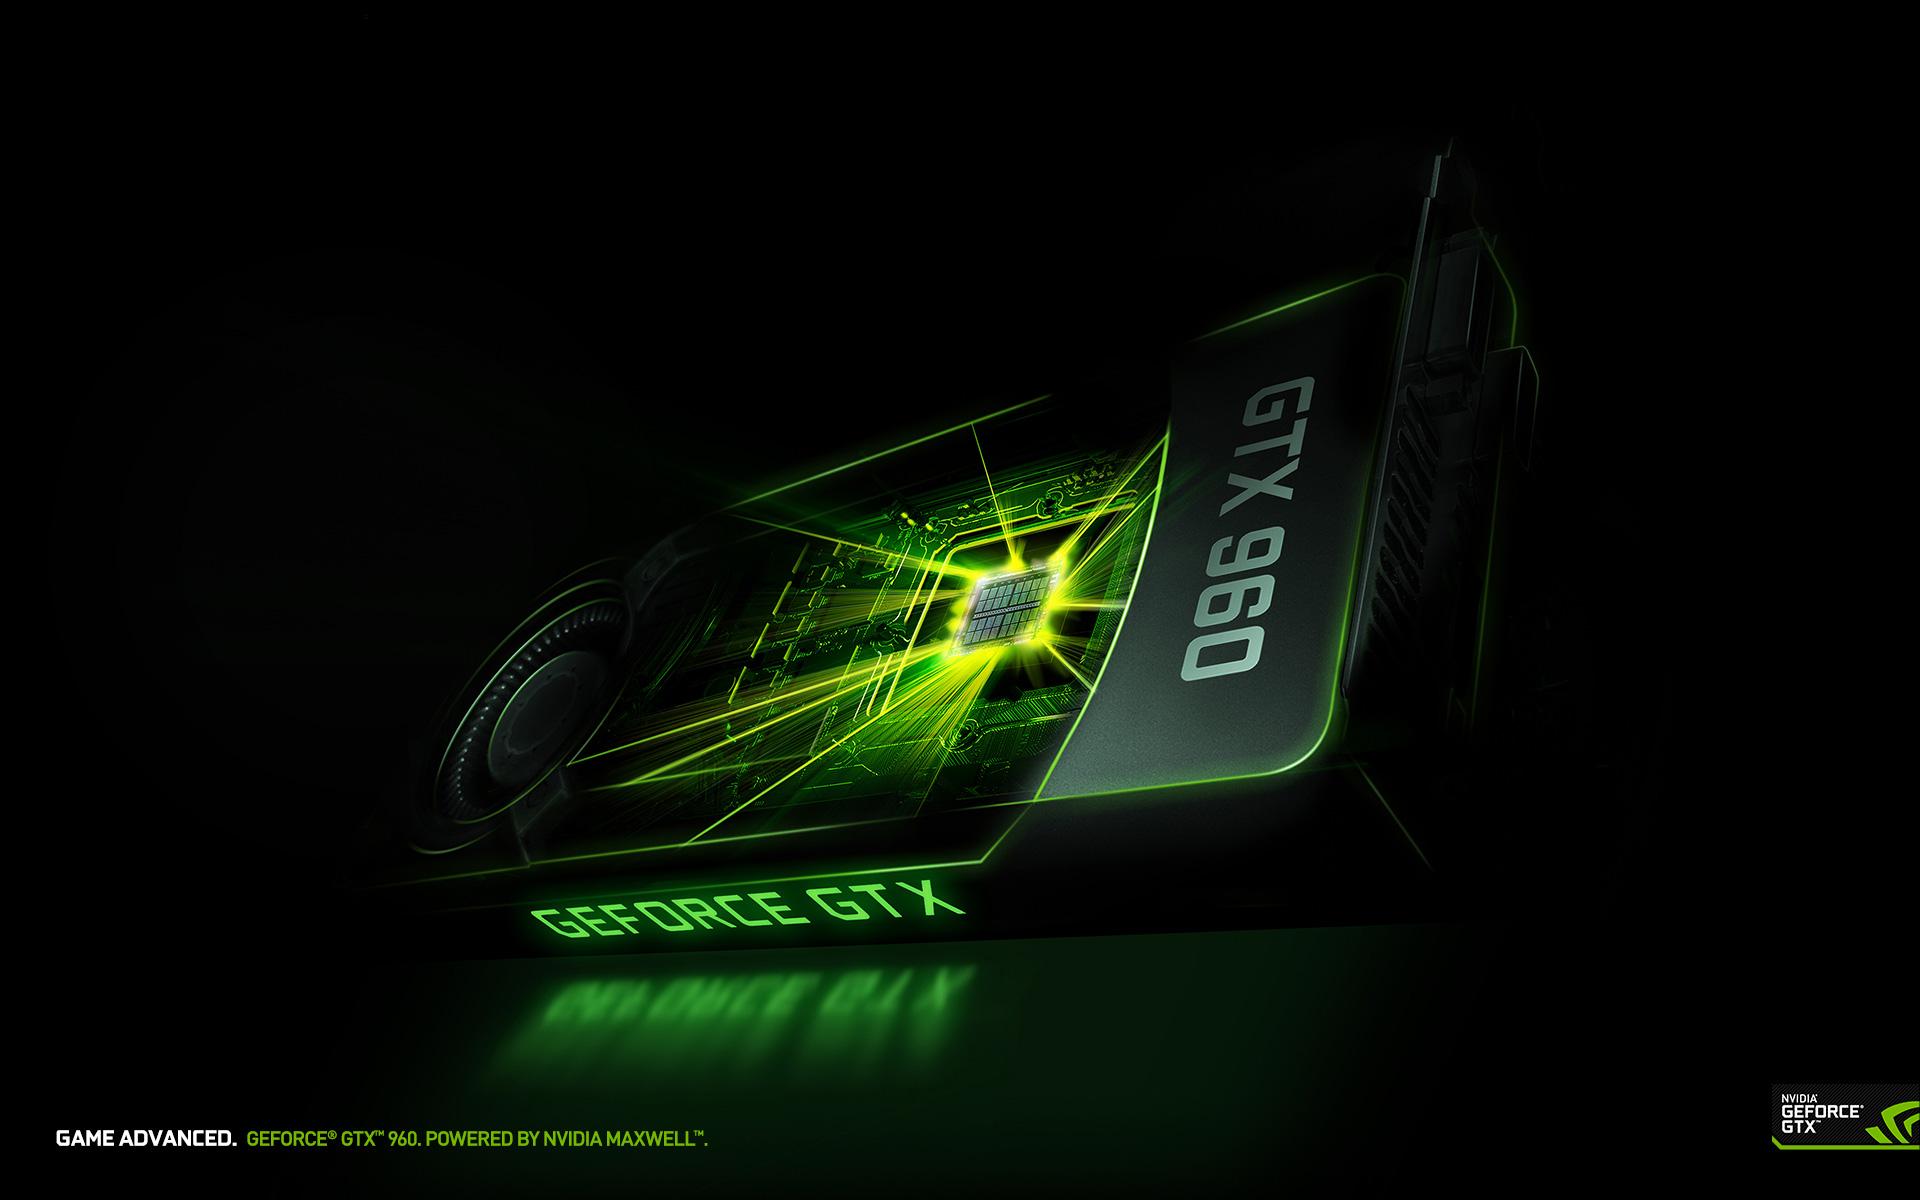 Download The GeForce GTX 960 Wallpapers GeForce